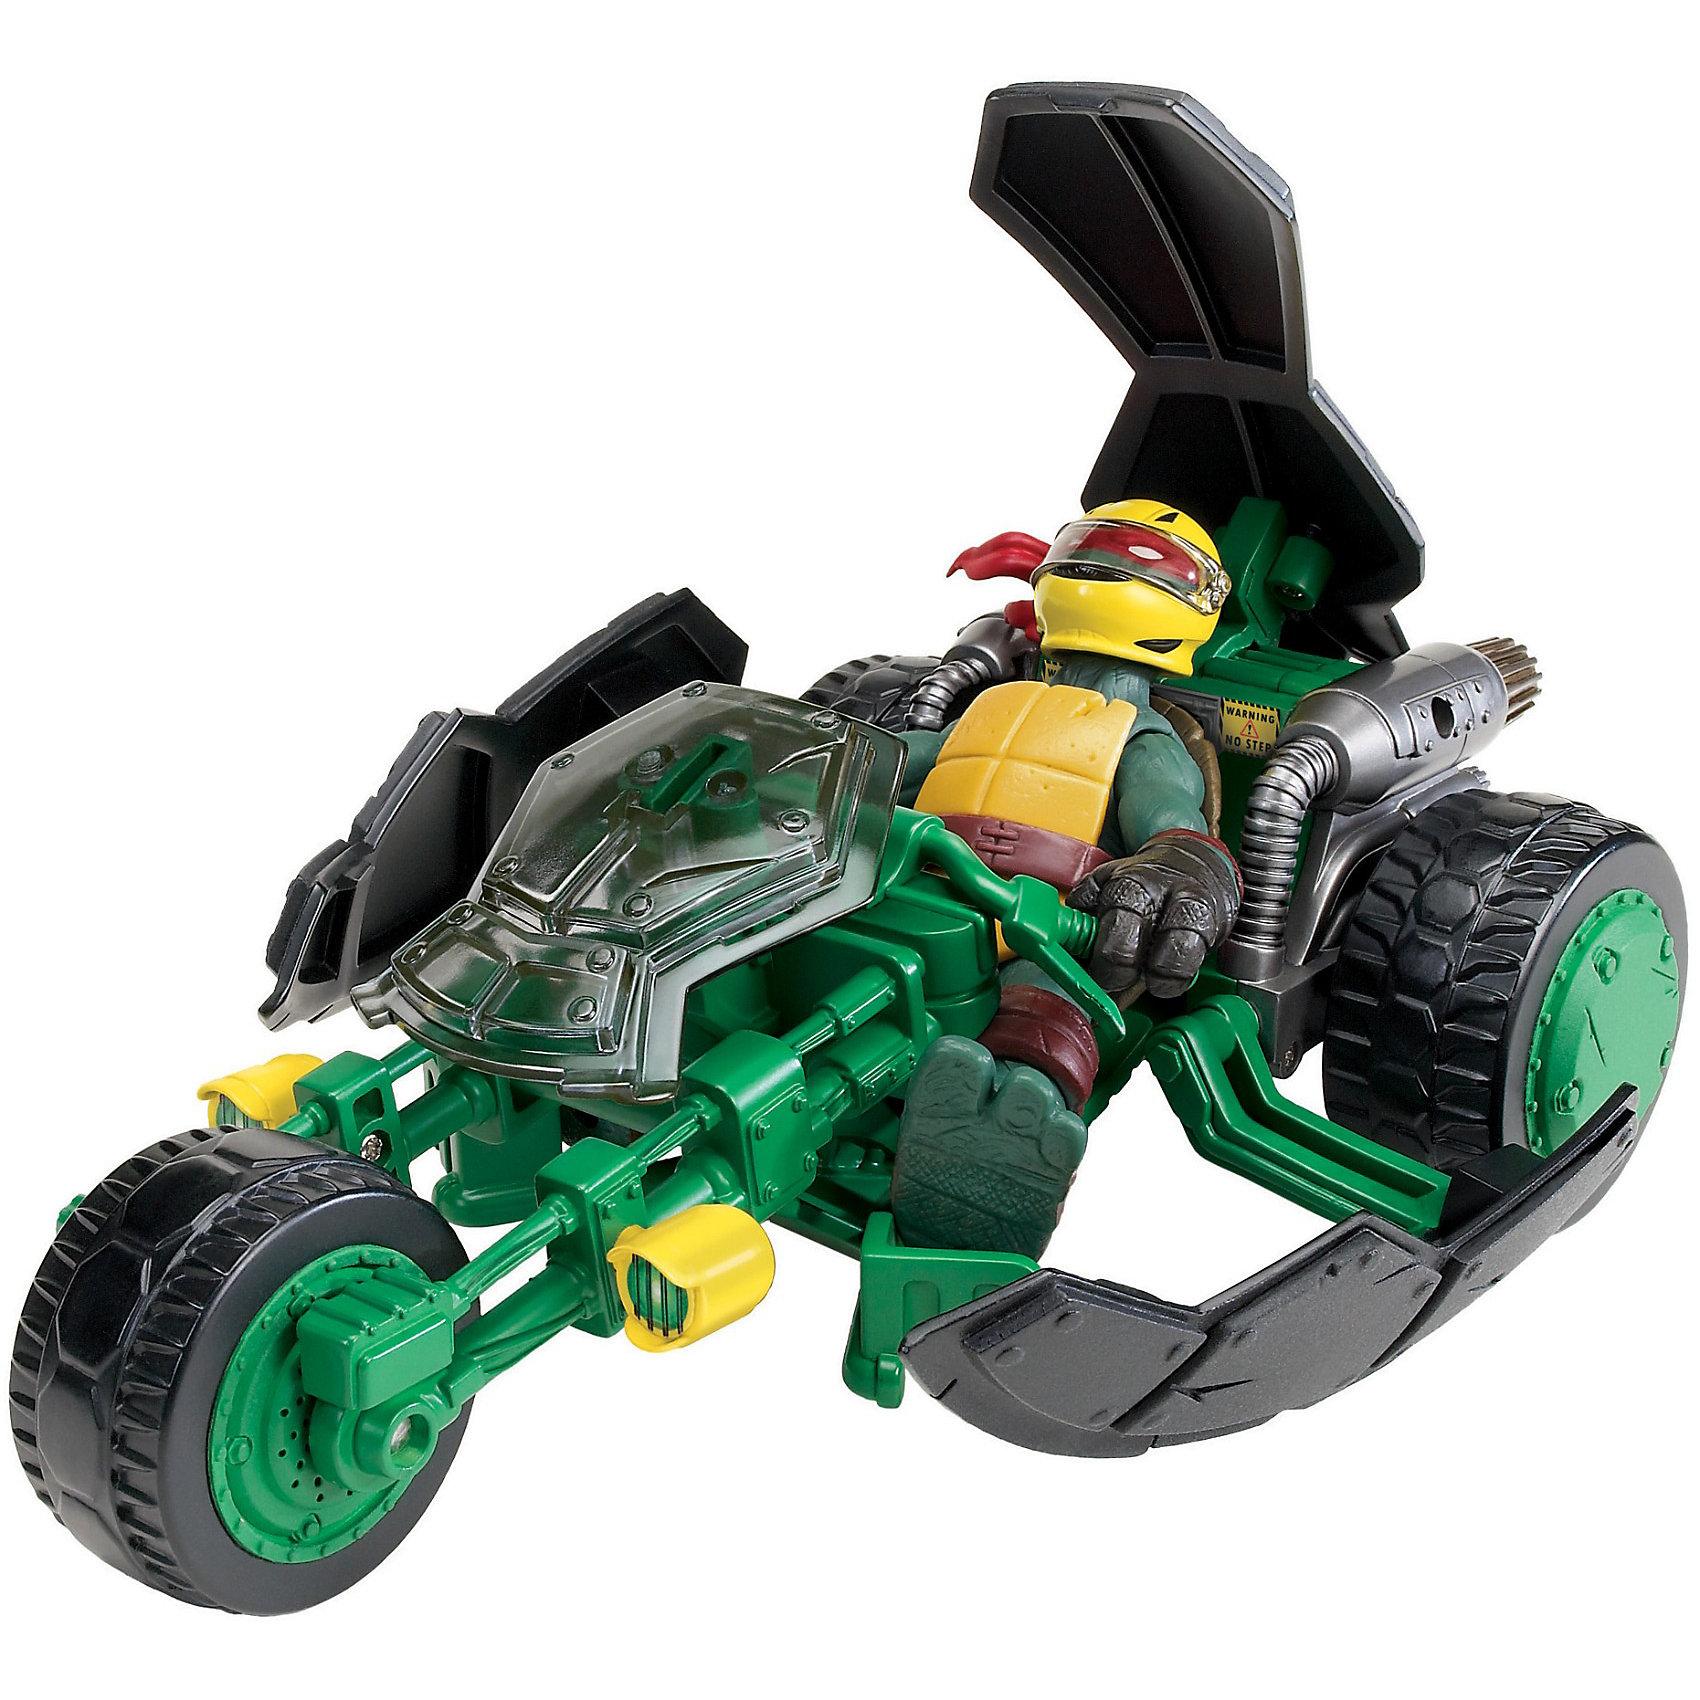 Трицикл с фигуркой, Черепашки НиндзяБоевой мотоцикл «Стэлс» или «Невидимка» с эксклюзивной фигуркой Черепашки-ниндзя  Рафаэля.  <br>Мотоцикл трансформируется из невидимого режима, в боевой, одним нажатием на панцирь.<br>Мотоцикл трехколесный, колеса  вращаются.<br>Фигурка мутанта Черепашки-ниндзя  Рафаэля имеет шарнирное устройство конечностей и при игре, можно фиксировать нужное положение.<br>В трицикл можно посадить фигурки  Черепашек-ниндзя Микеланджело, Рафаэля, Леонардо и Донателло, артикулы:  90501, 90502, 90503, 90504.<br><br>Оставайтесь невидимыми за рулем боевого мотоцикла на улицах ночного города!<br><br>Дополнительная информация:<br><br>- В комплекте: Боевой мотоцикл «Стэлс», фигурка Рафаэля<br>- Высота фигурки: 11 см<br>- Размер мотоцикла(ДхШхВ):  22 х 12 х 7 см <br>- Размер упаковки (ДхШхВ): 33,5 х 11 х 19 см.<br>- Материал: Пластик<br>- Вес: 0,873 кг.<br><br>«Трицикл с фигуркой, Черепашки Ниндзя» (Ninja Turtles) можно купить в нашем интернет-магазине.<br><br>Ширина мм: 335<br>Глубина мм: 110<br>Высота мм: 195<br>Вес г: 873<br>Возраст от месяцев: 48<br>Возраст до месяцев: 132<br>Пол: Мужской<br>Возраст: Детский<br>SKU: 3377413